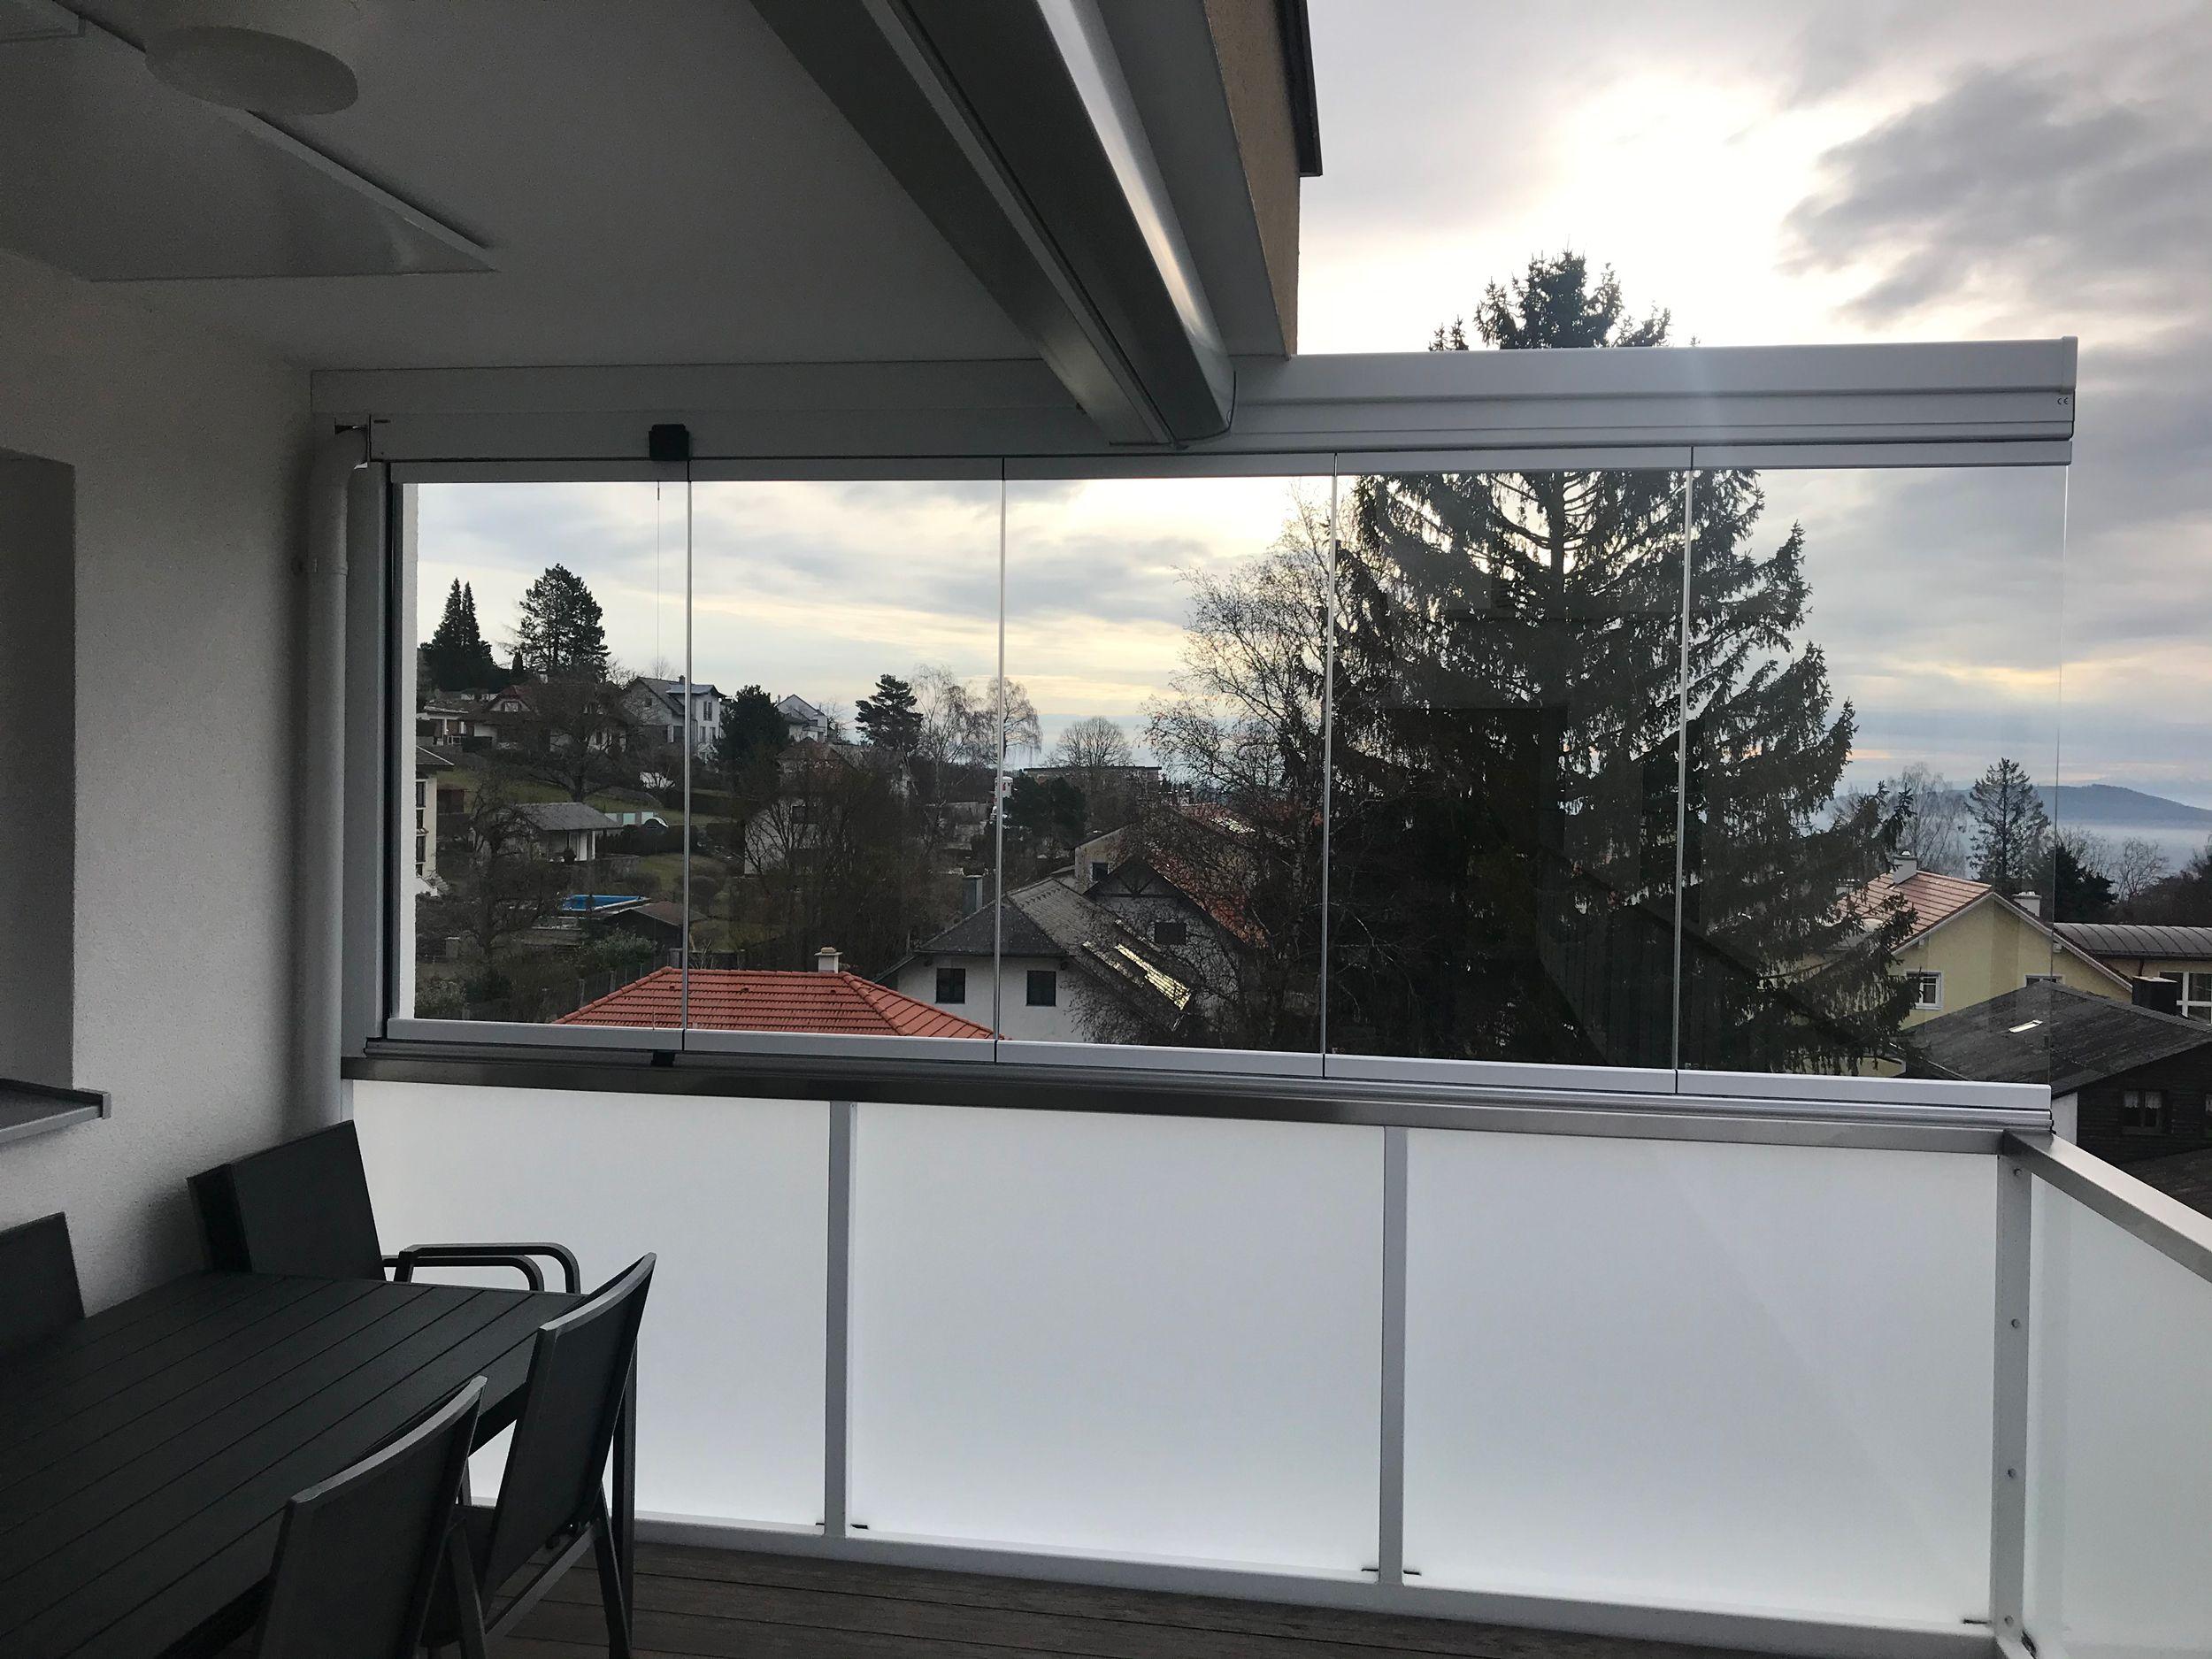 Balkonverglasung Windschutz Faltbar In 2020 Windschutz Fenster Und Turen Und Aluminium Fenster